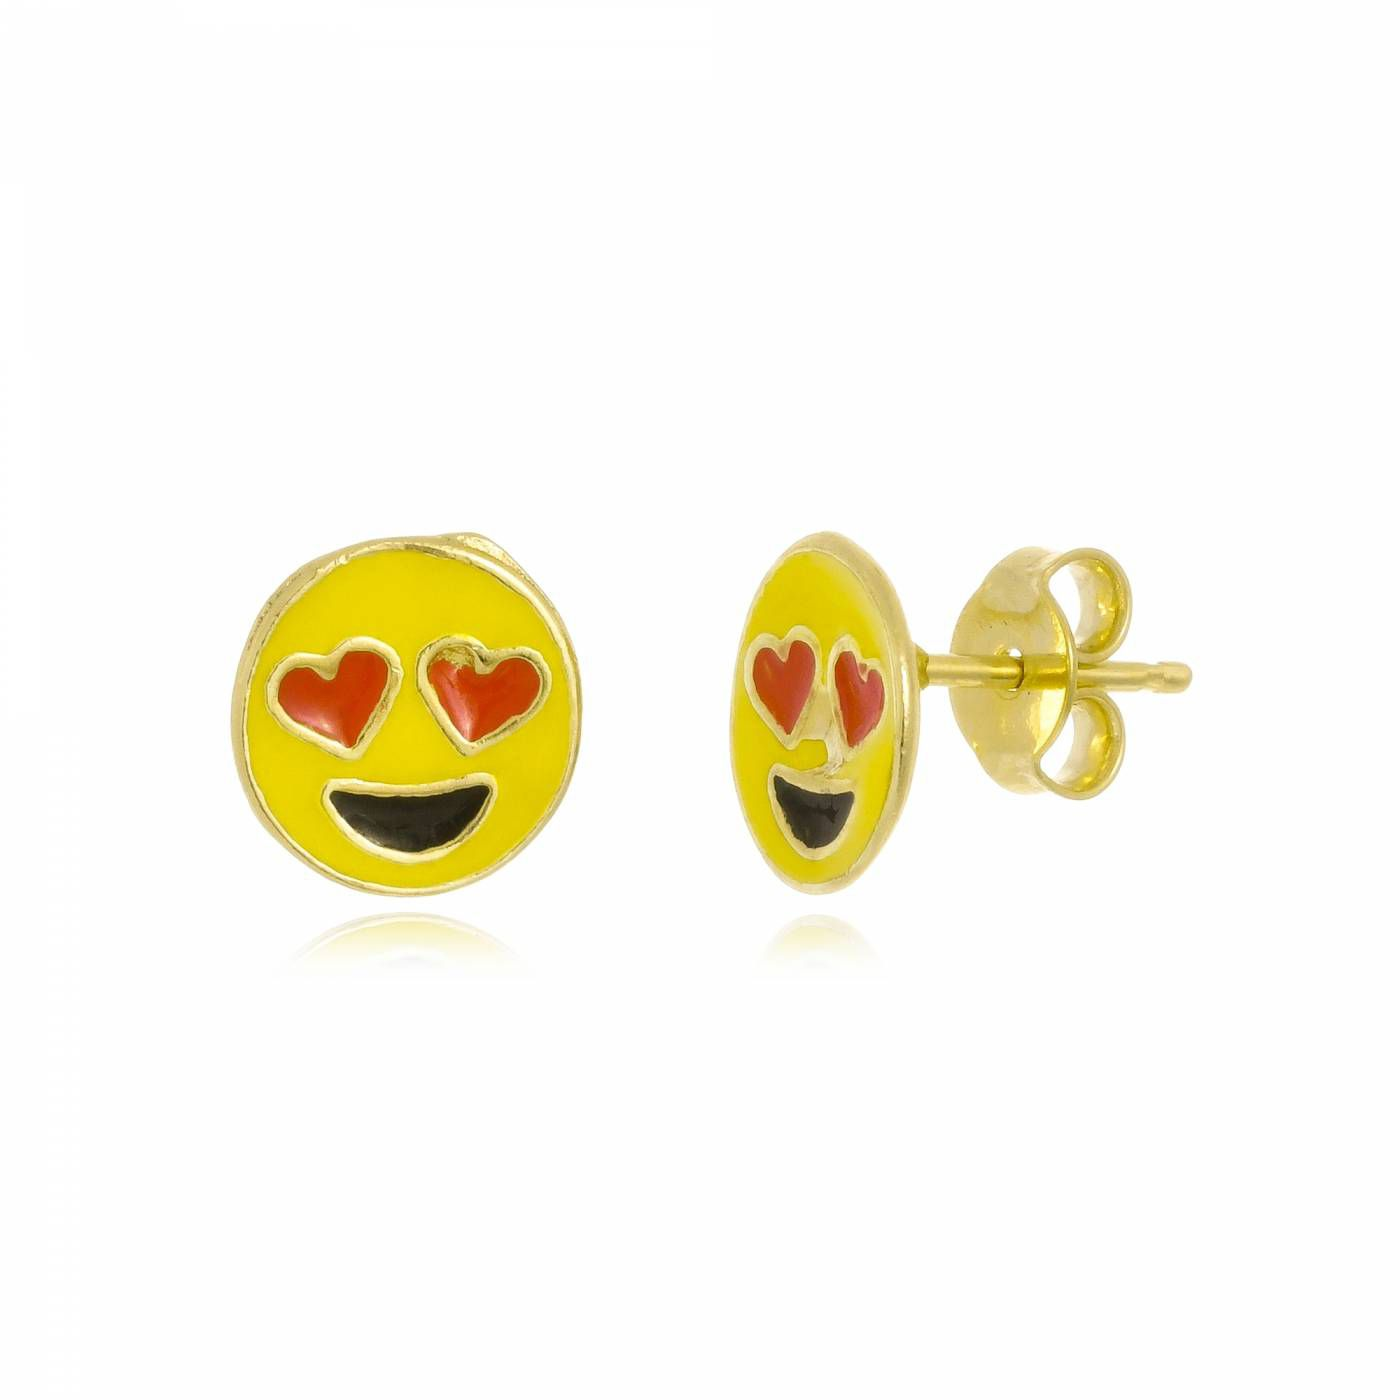 Brinco Emoji Apaixonado Folheado a Ouro 18K